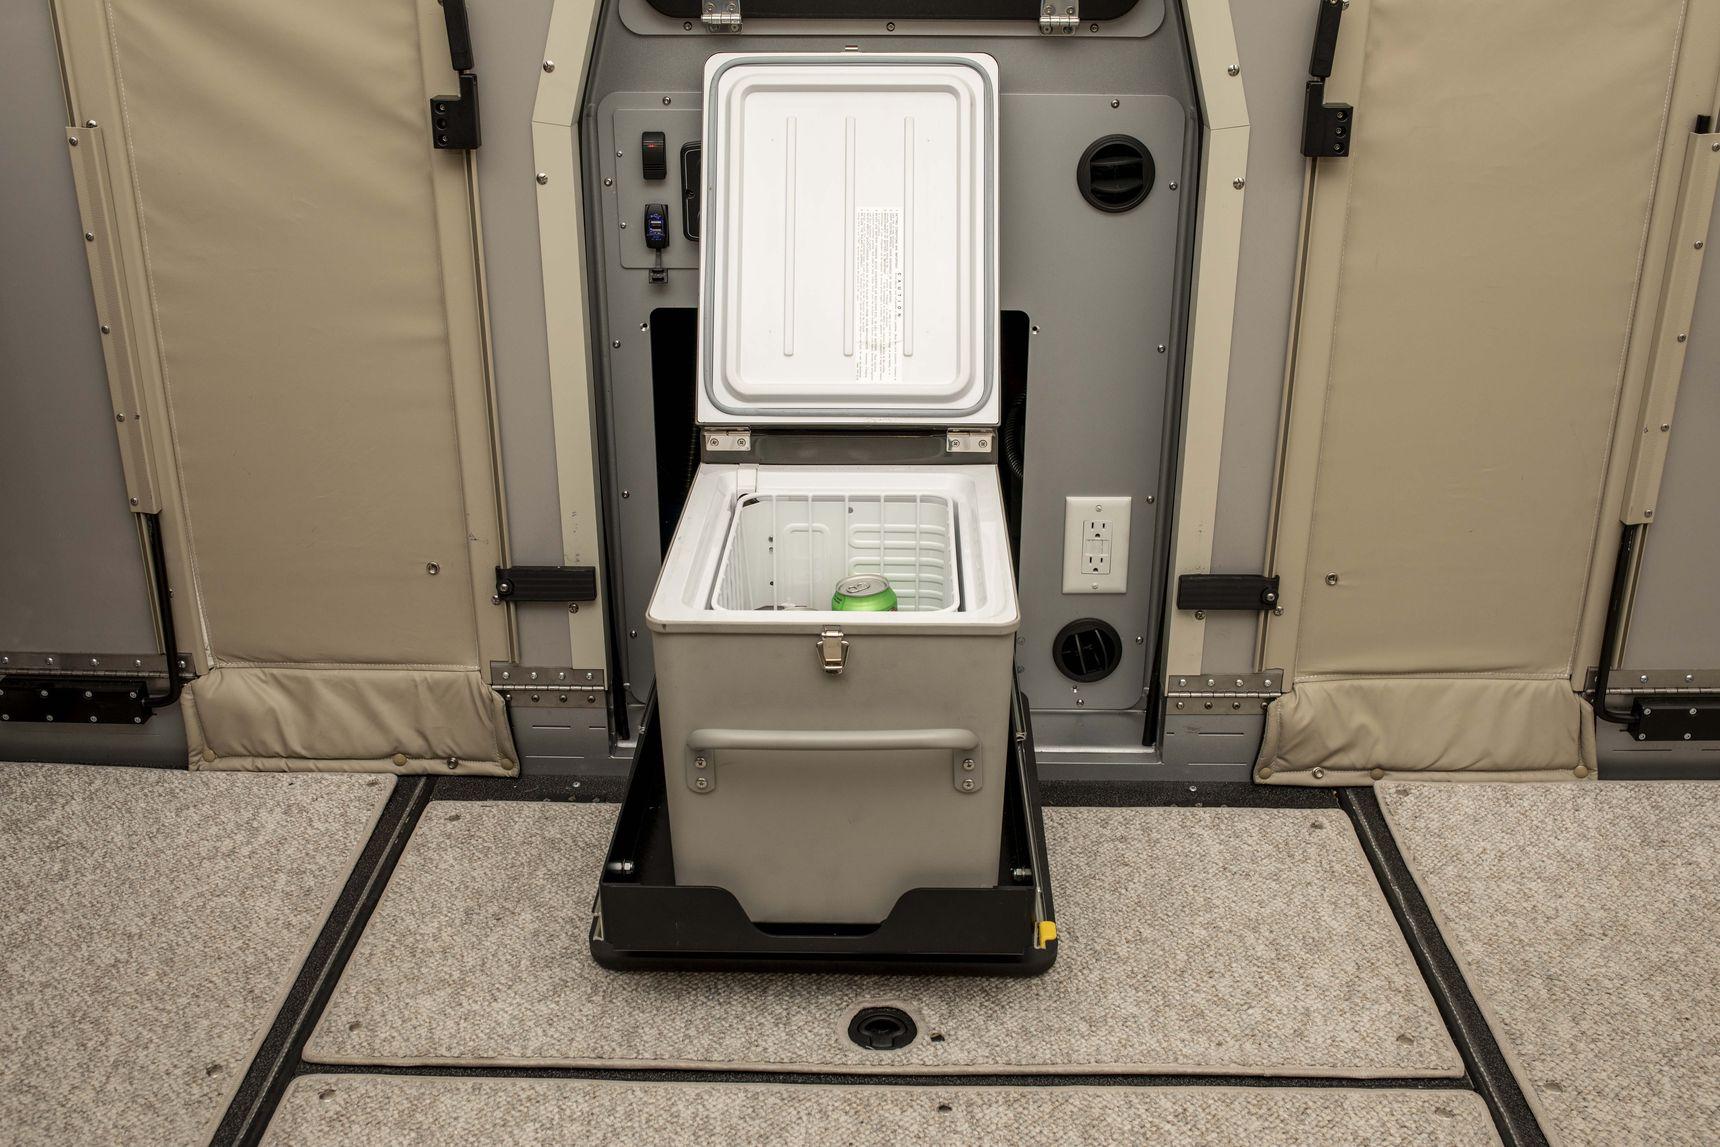 travel trailer - toilet